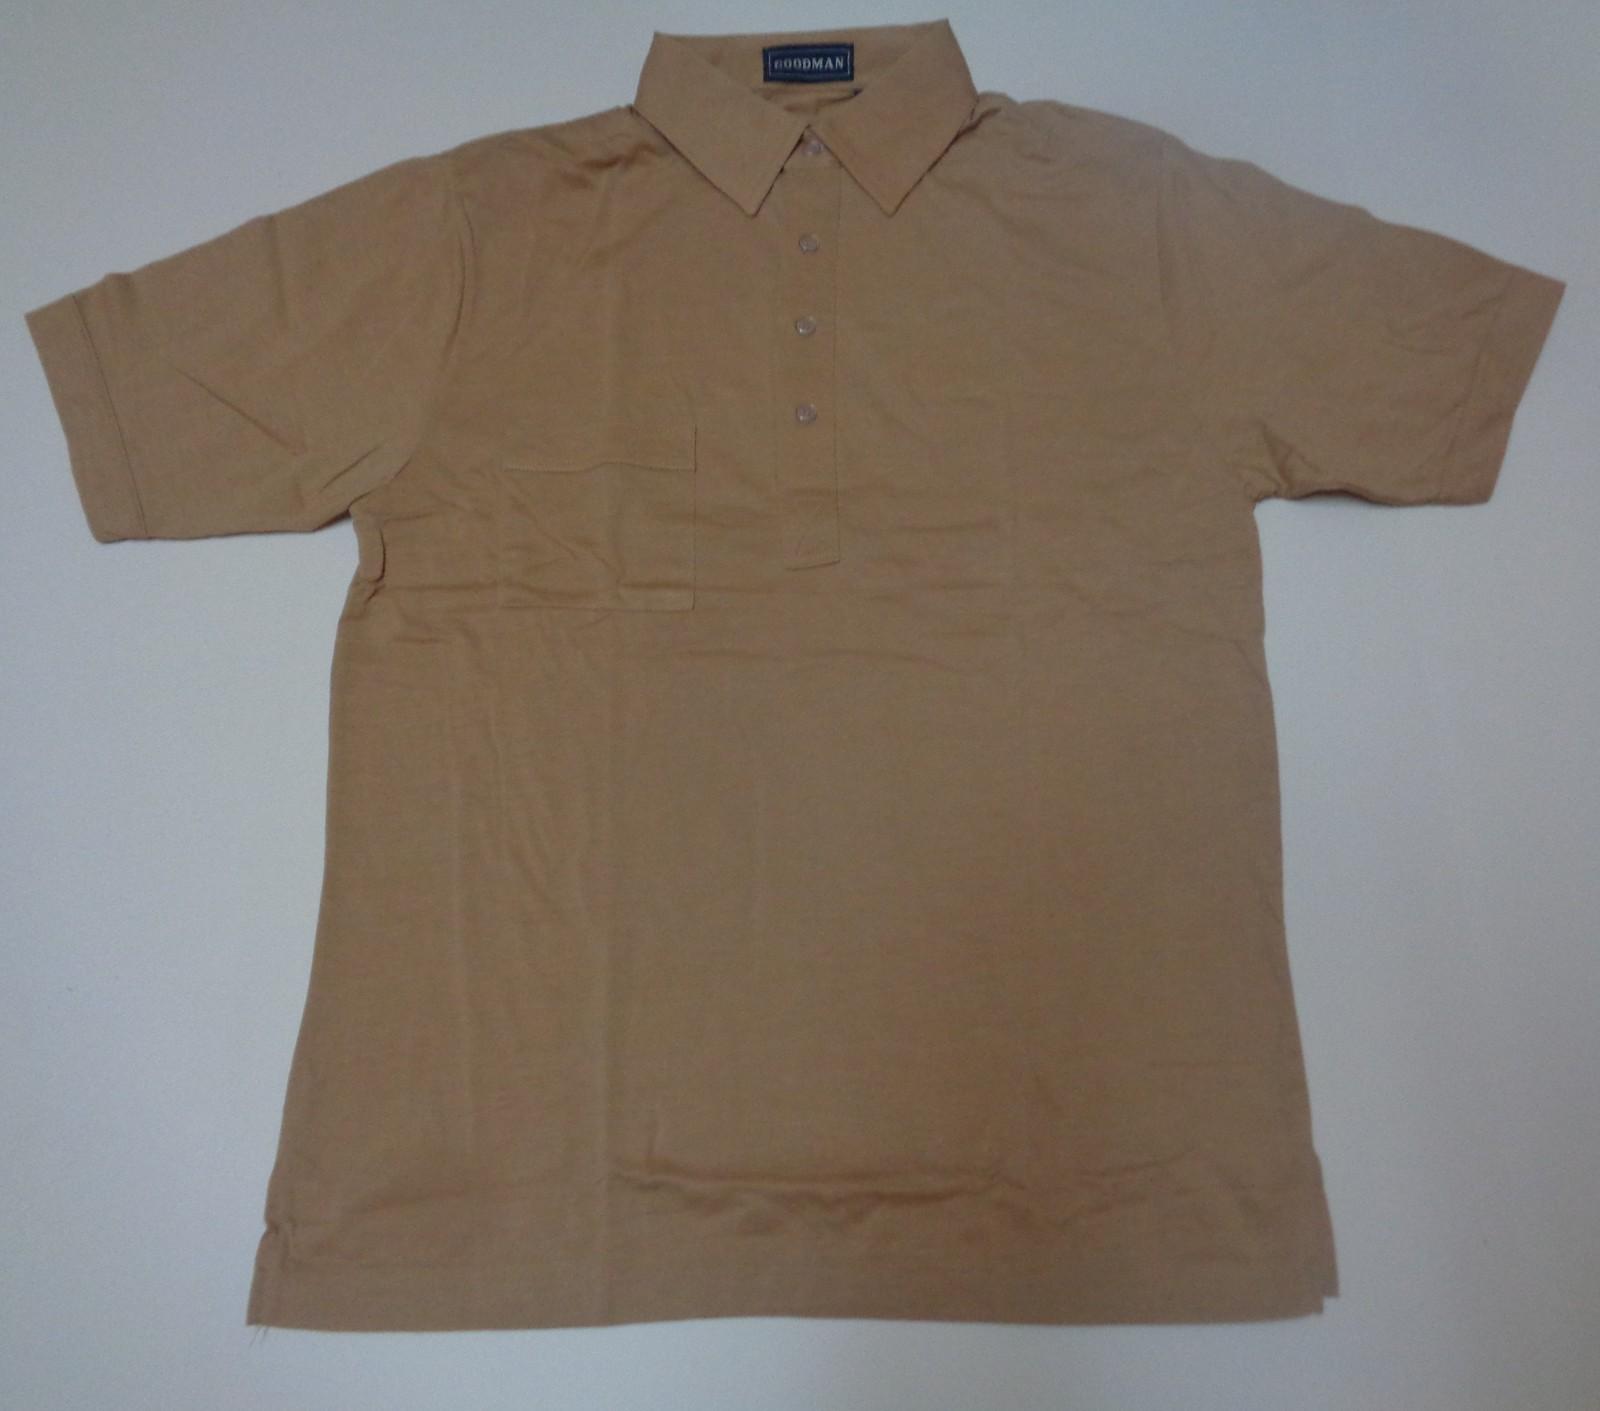 Men's Golf Work Dress Shirt NWT Khaki Beige Short Sleeve No Iron Size Med, Small